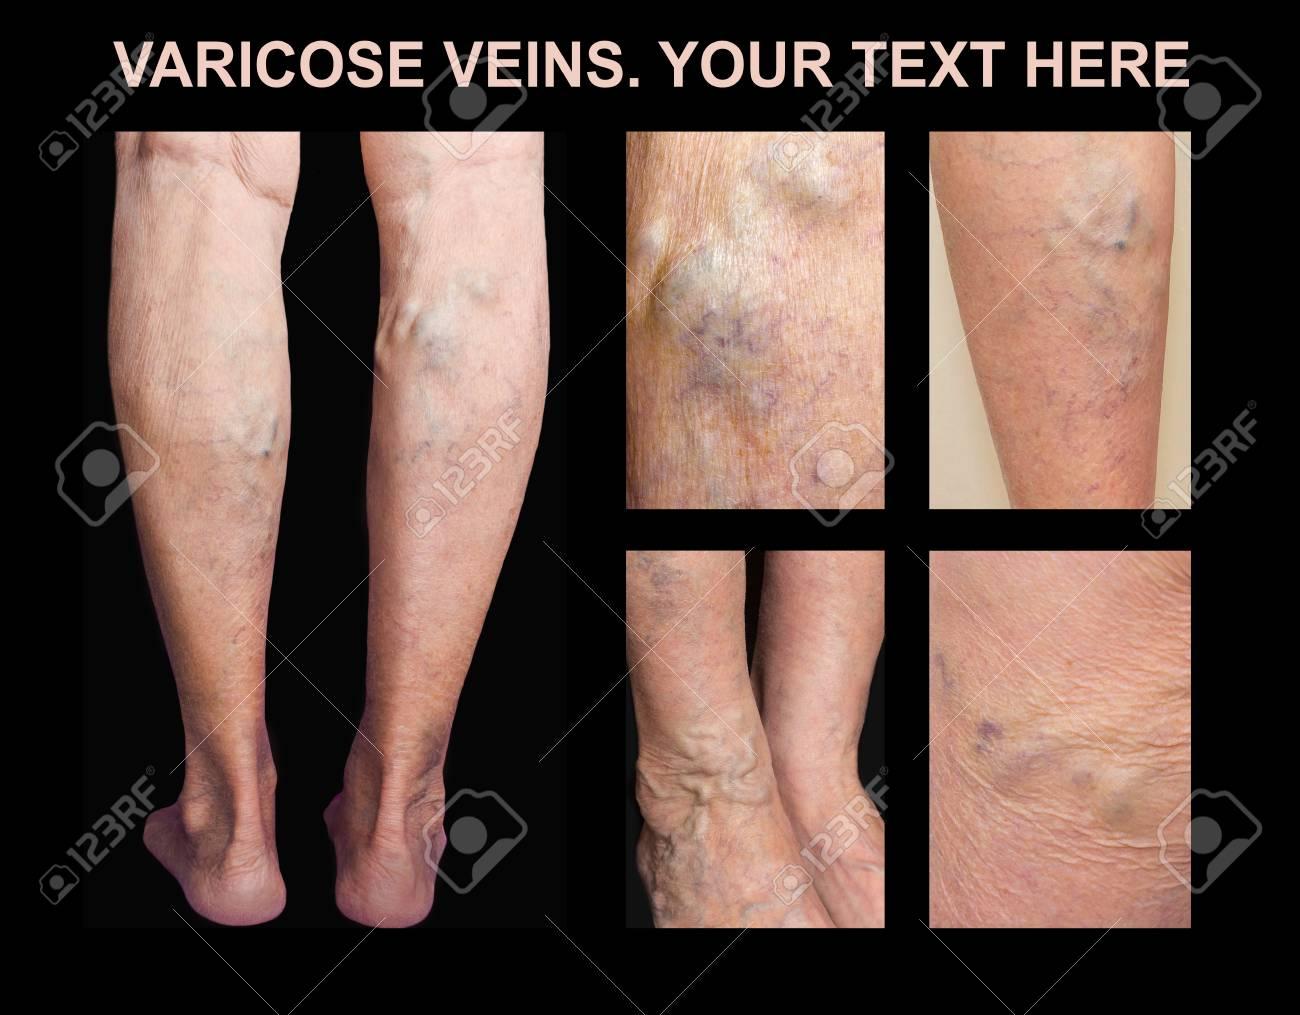 fotos de venas varicosas en las piernas